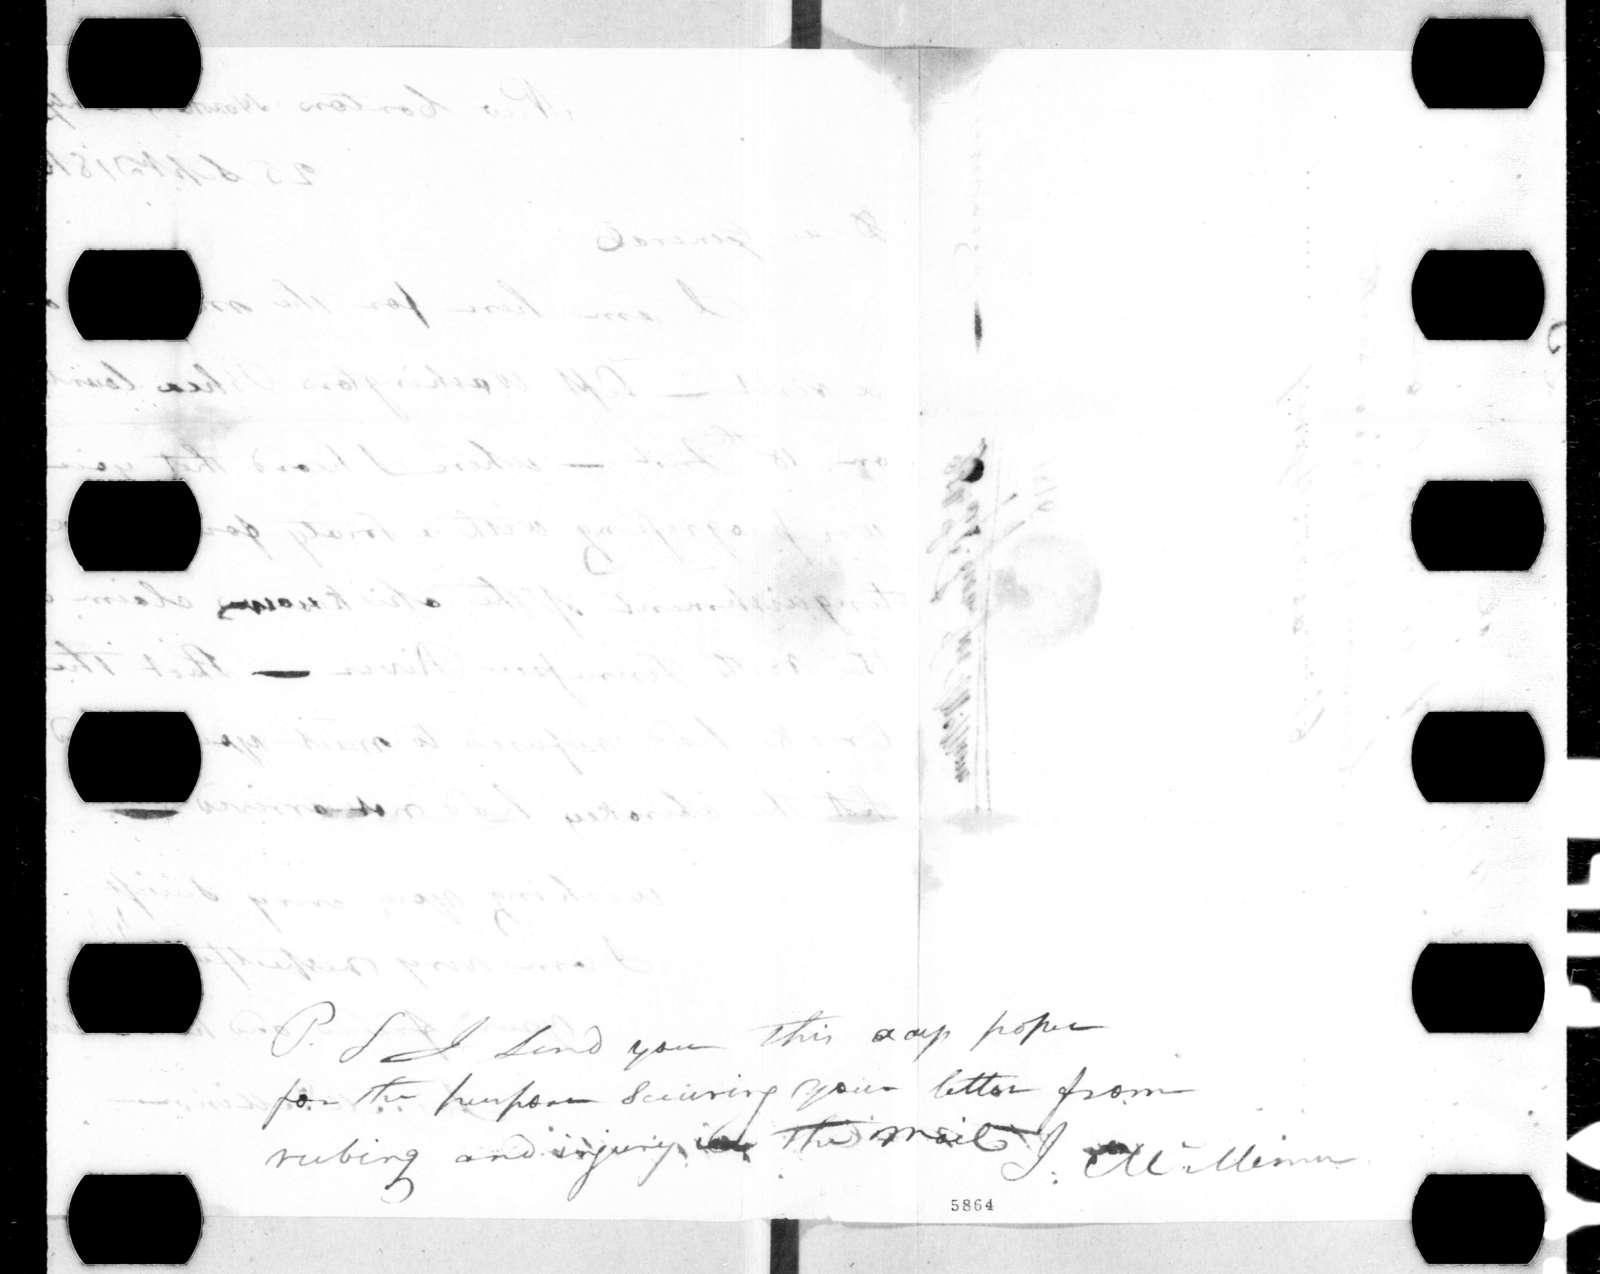 Joseph McMinn to Andrew Jackson, September 25, 1816